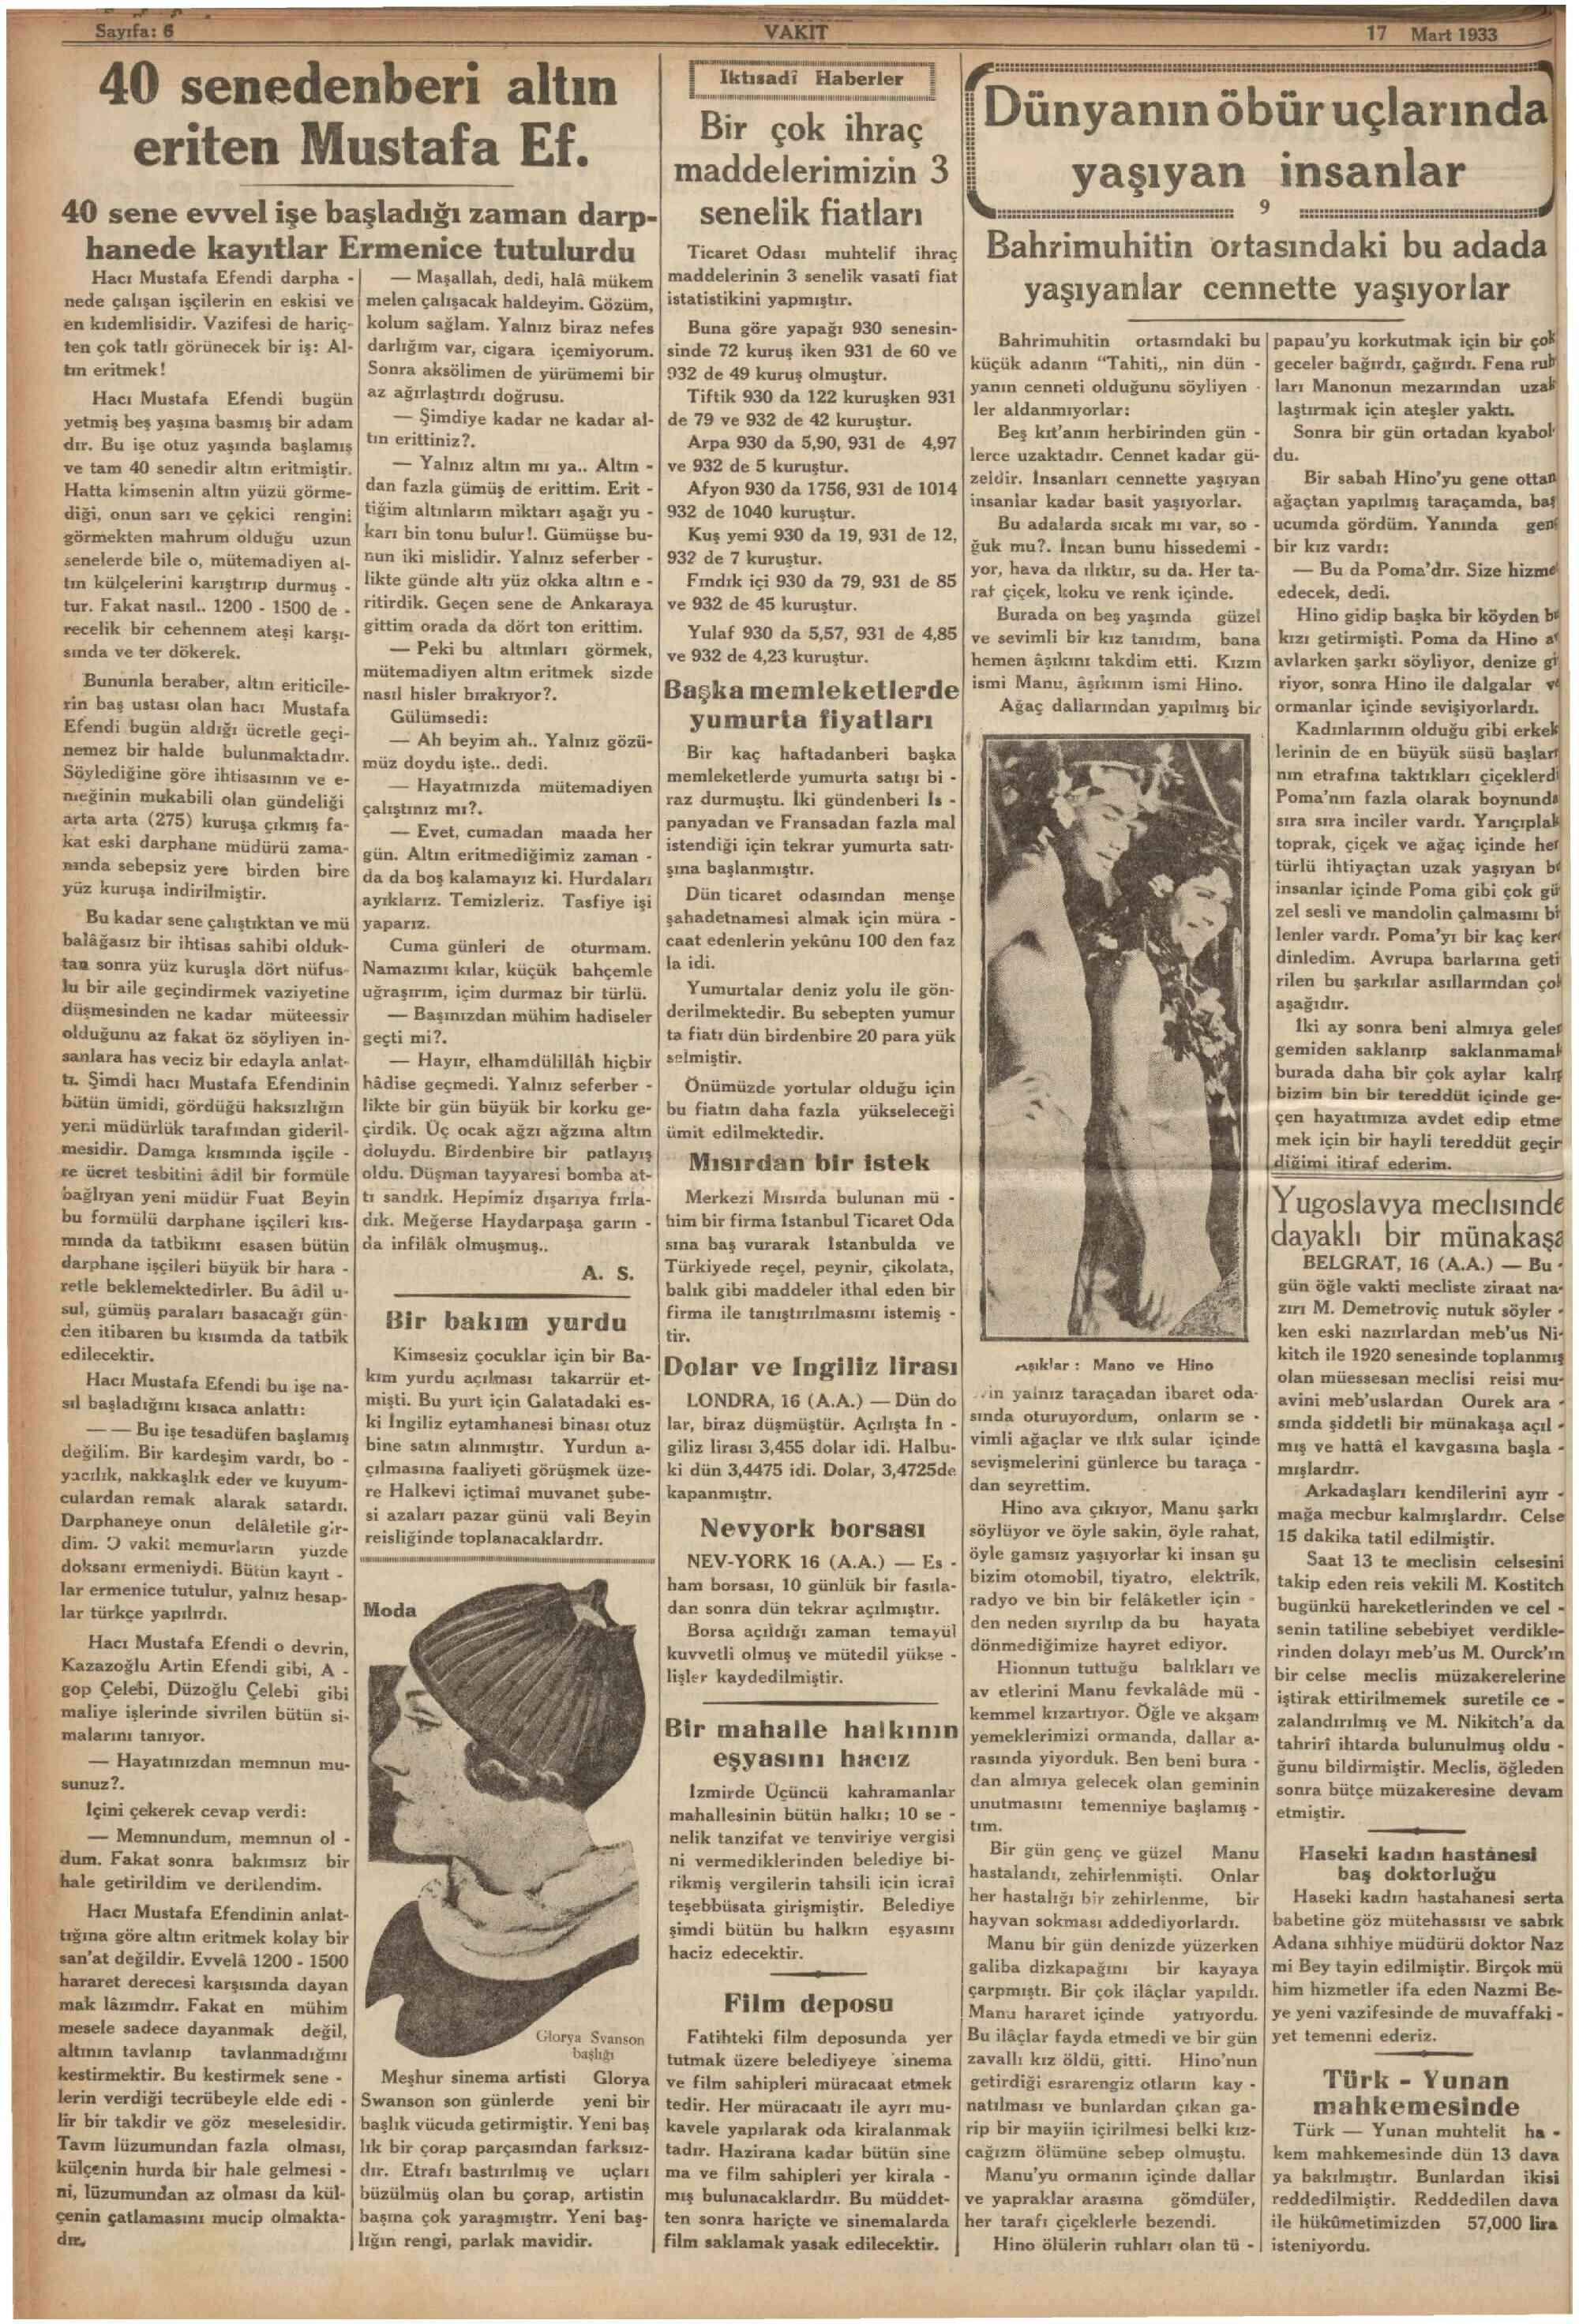 17 Mart 1933 Tarihli Vakit Gazetesi Sayfa 6